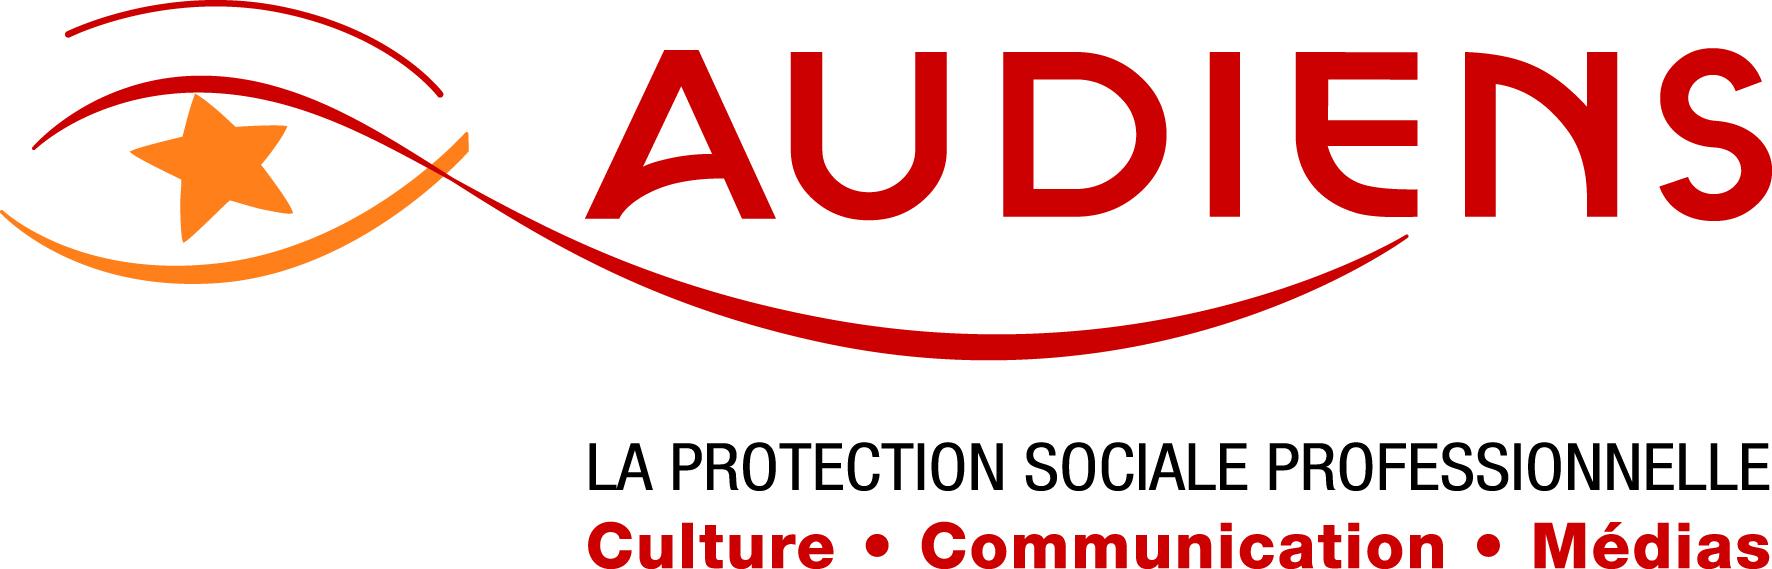 Annuaire Services Clients audiens2012qsign Contacter le Service Client de AUDIENS protection sociale service client  Contacter le Service Client de AUDIENS